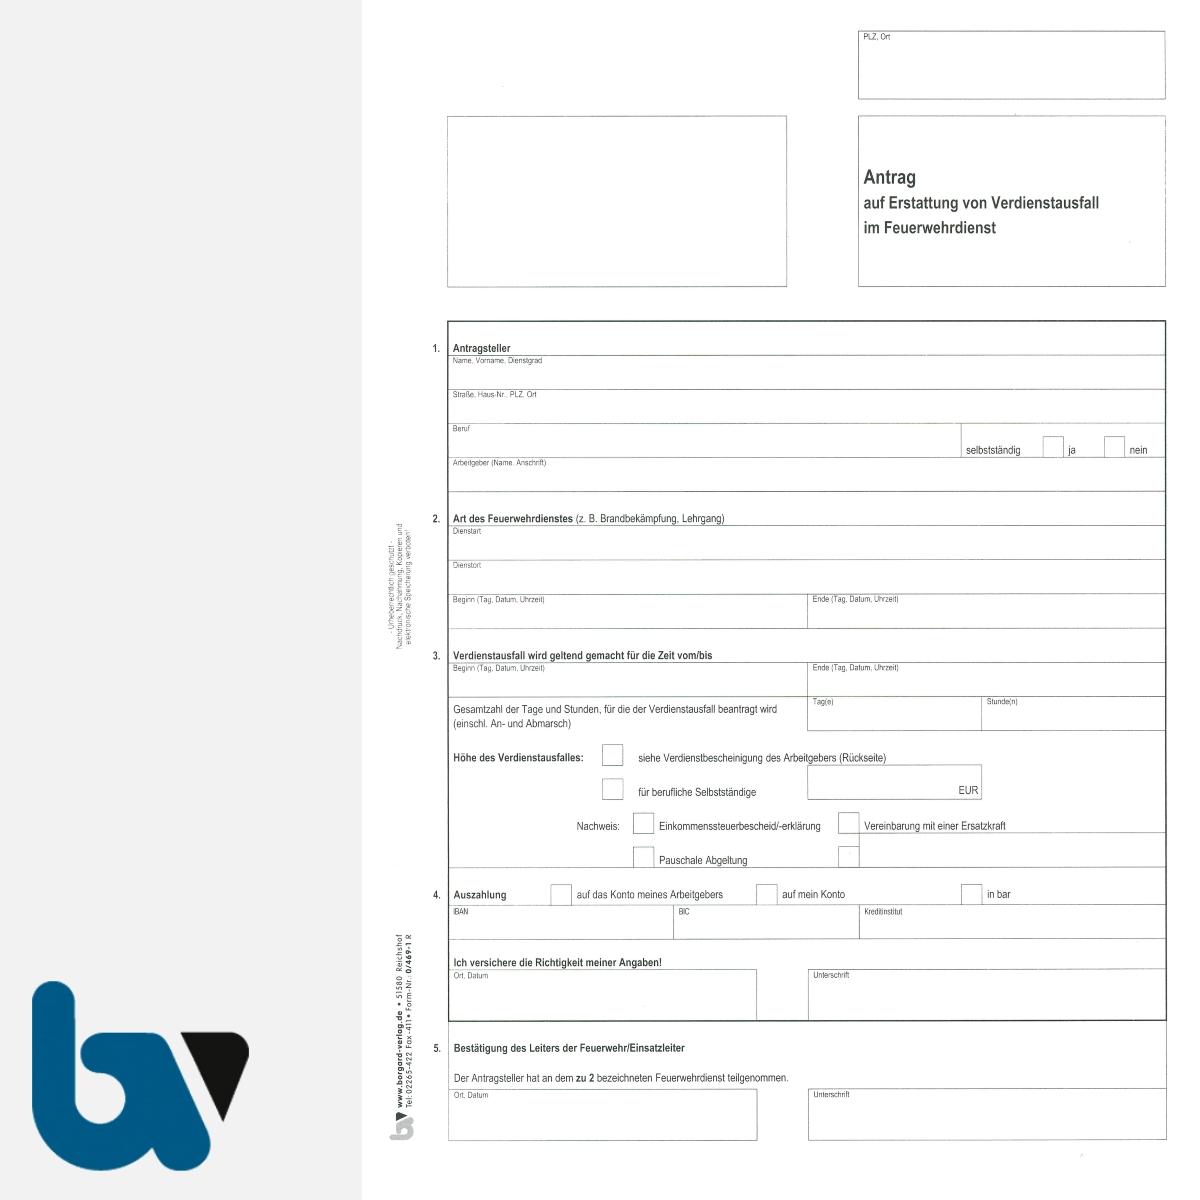 0/469-1 Antrag Erstattung Verdienstausfall Feuerwehr Dienst Berechnung selbstdurchschreibend DIN A4 2-fach VS | Borgard Verlag GmbH